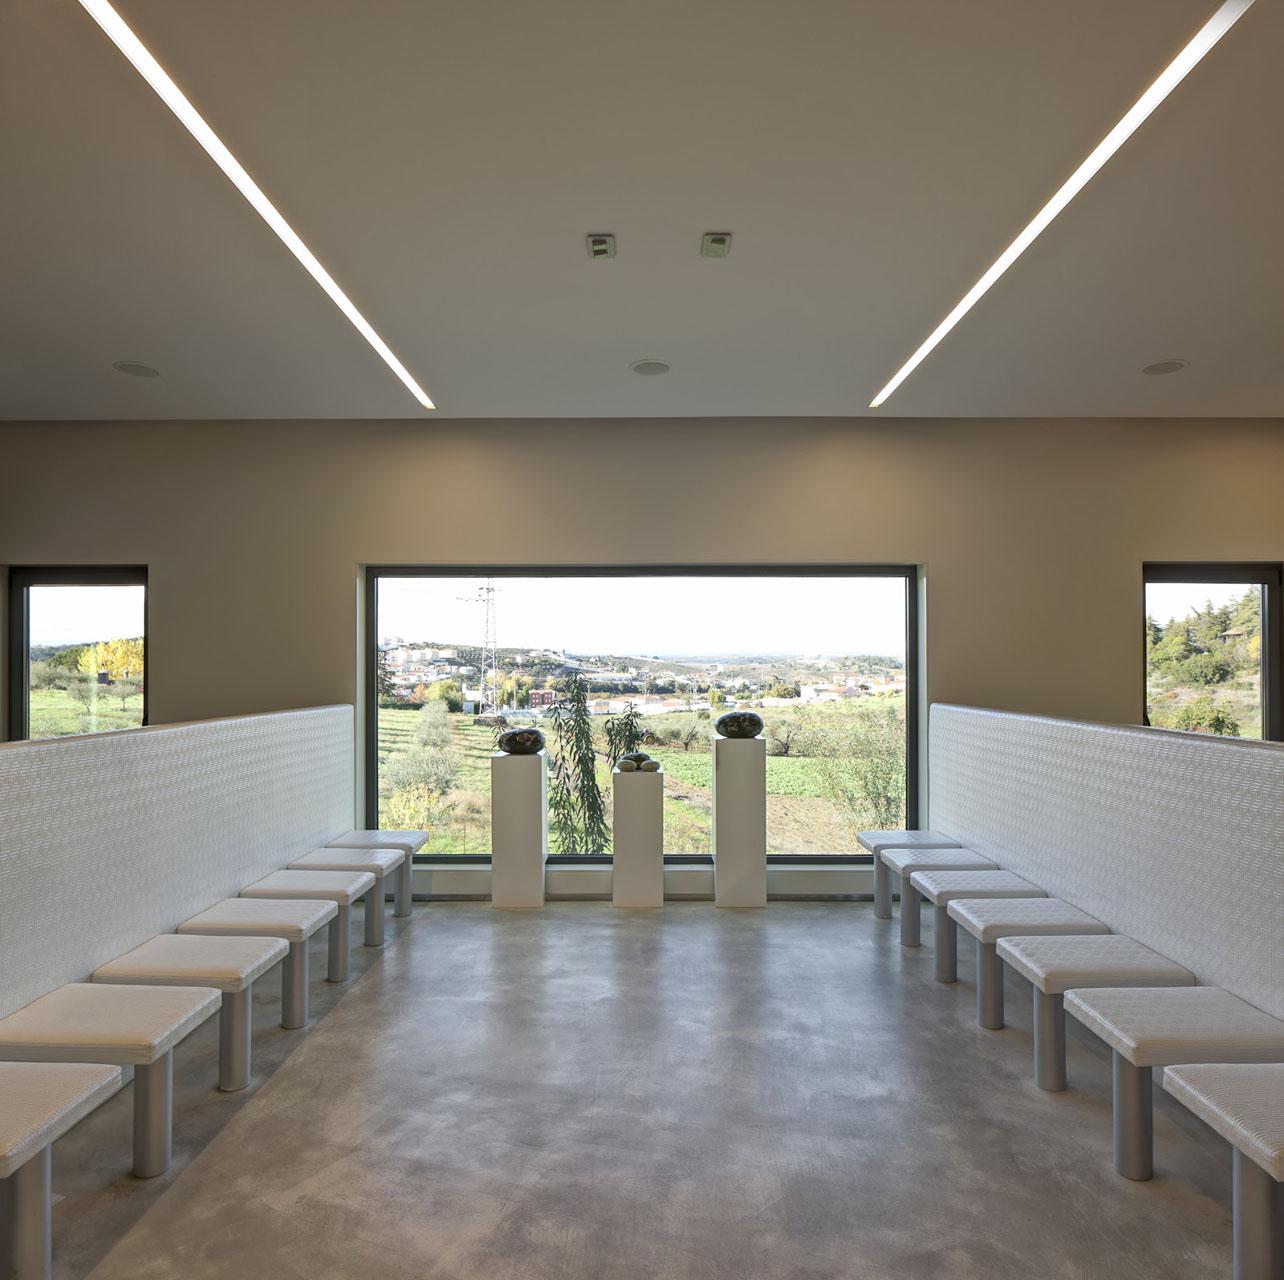 Clinica Nordial - Projecto arquitectura mirandela